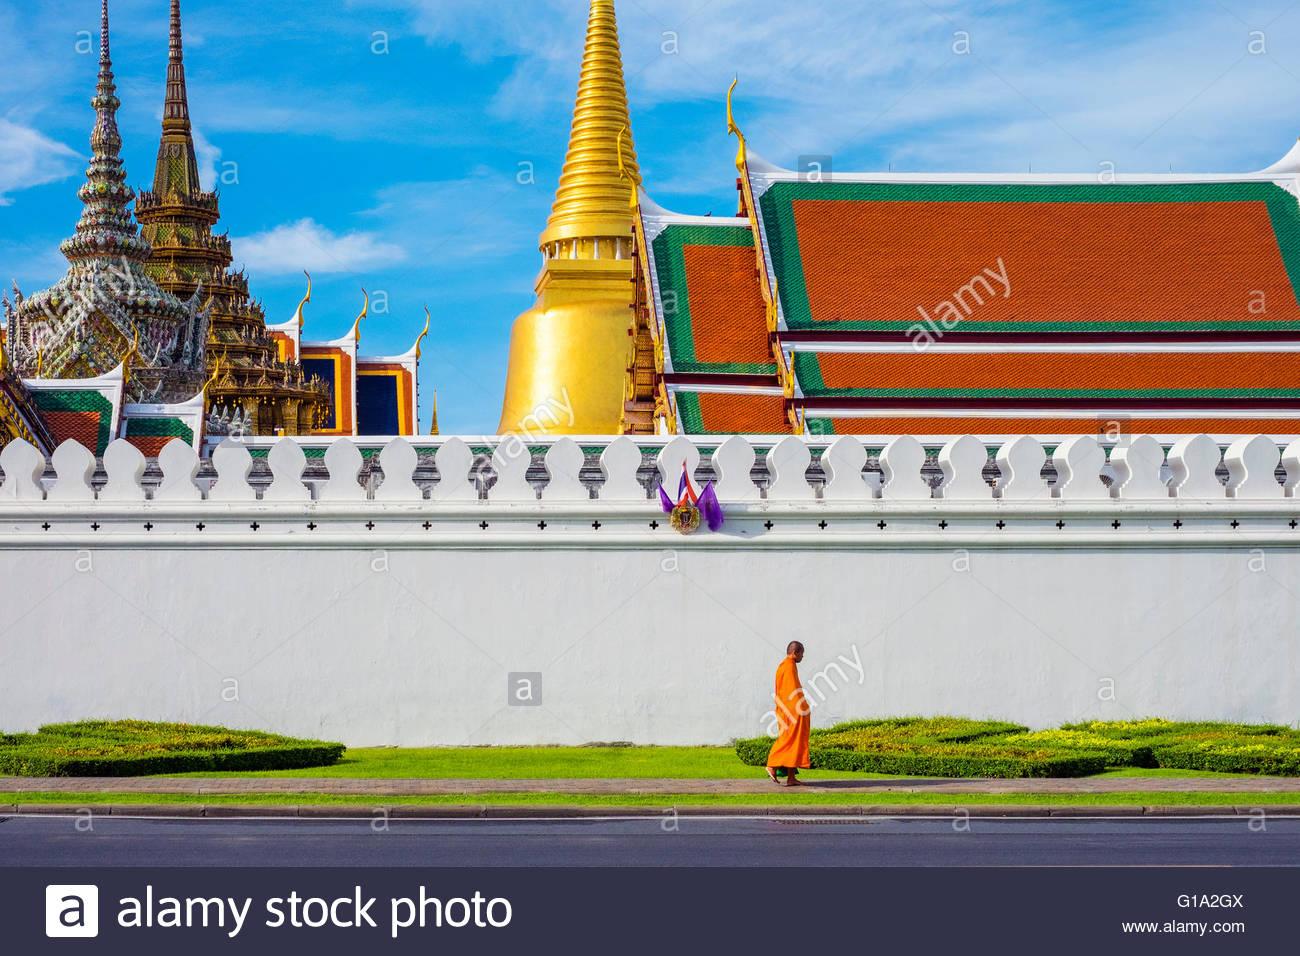 Un monaco passa davanti di Wat Phra Kaew e il Grand Palace, Bangkok, Thailandia Immagini Stock